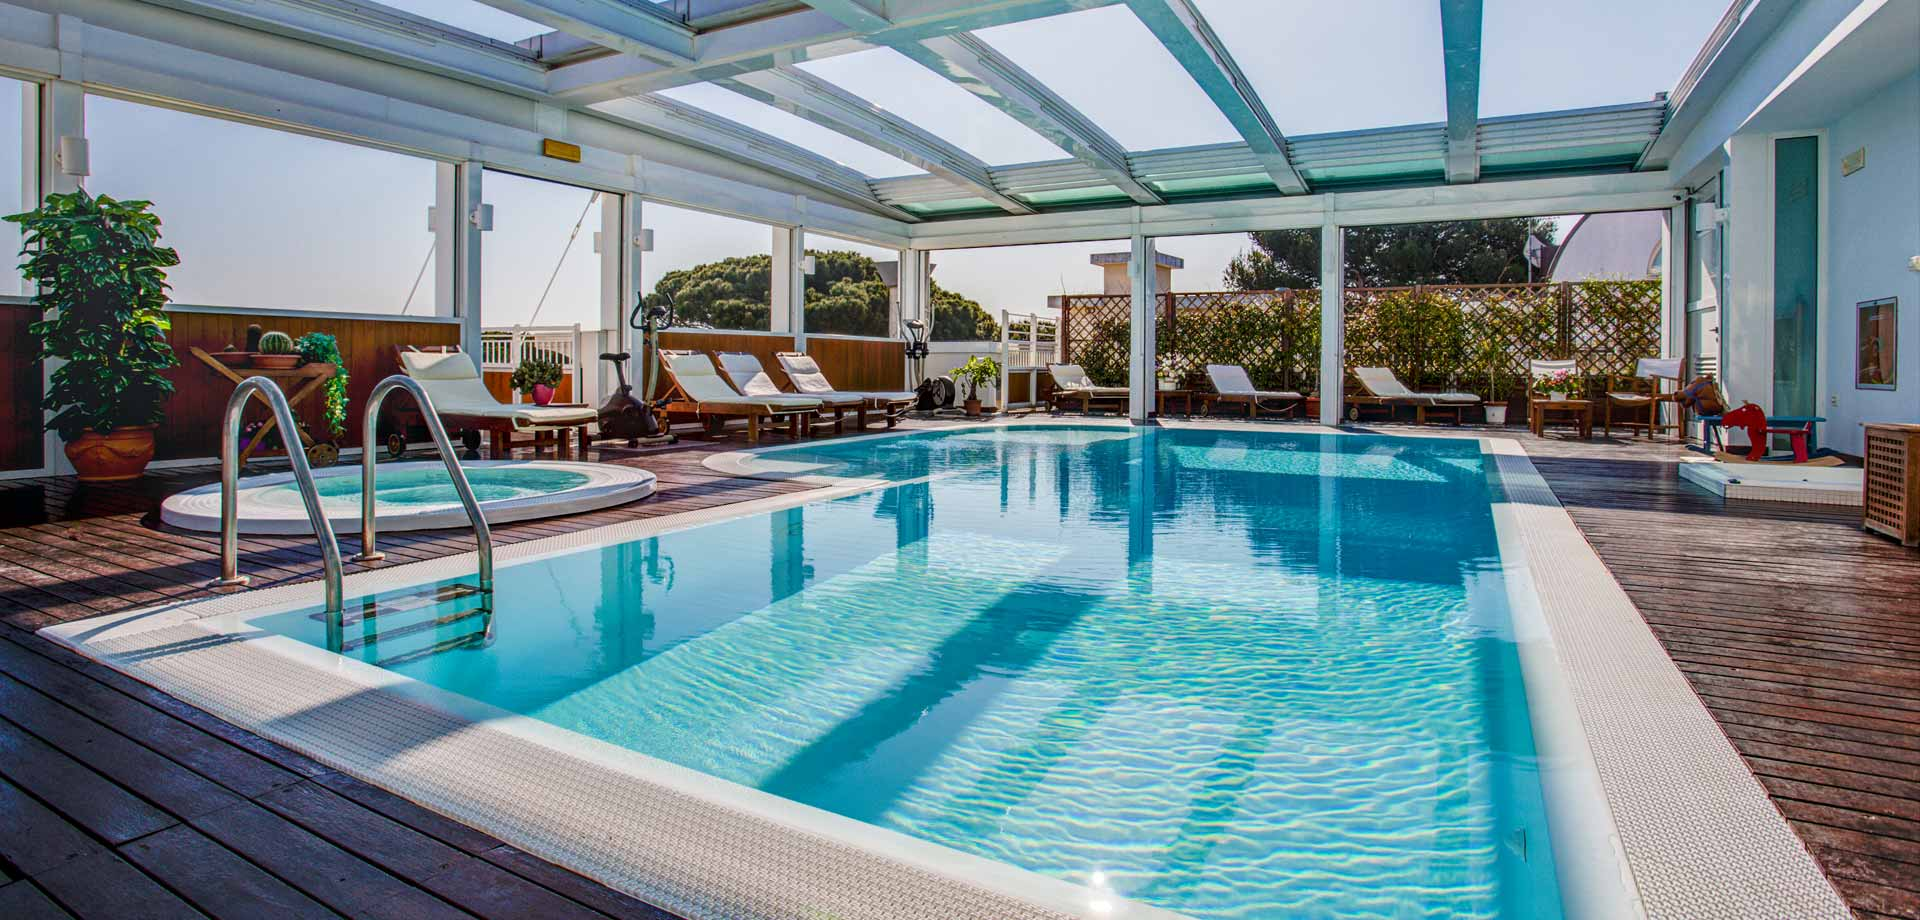 Sito ufficiale aparthotel england for Piscina riccione